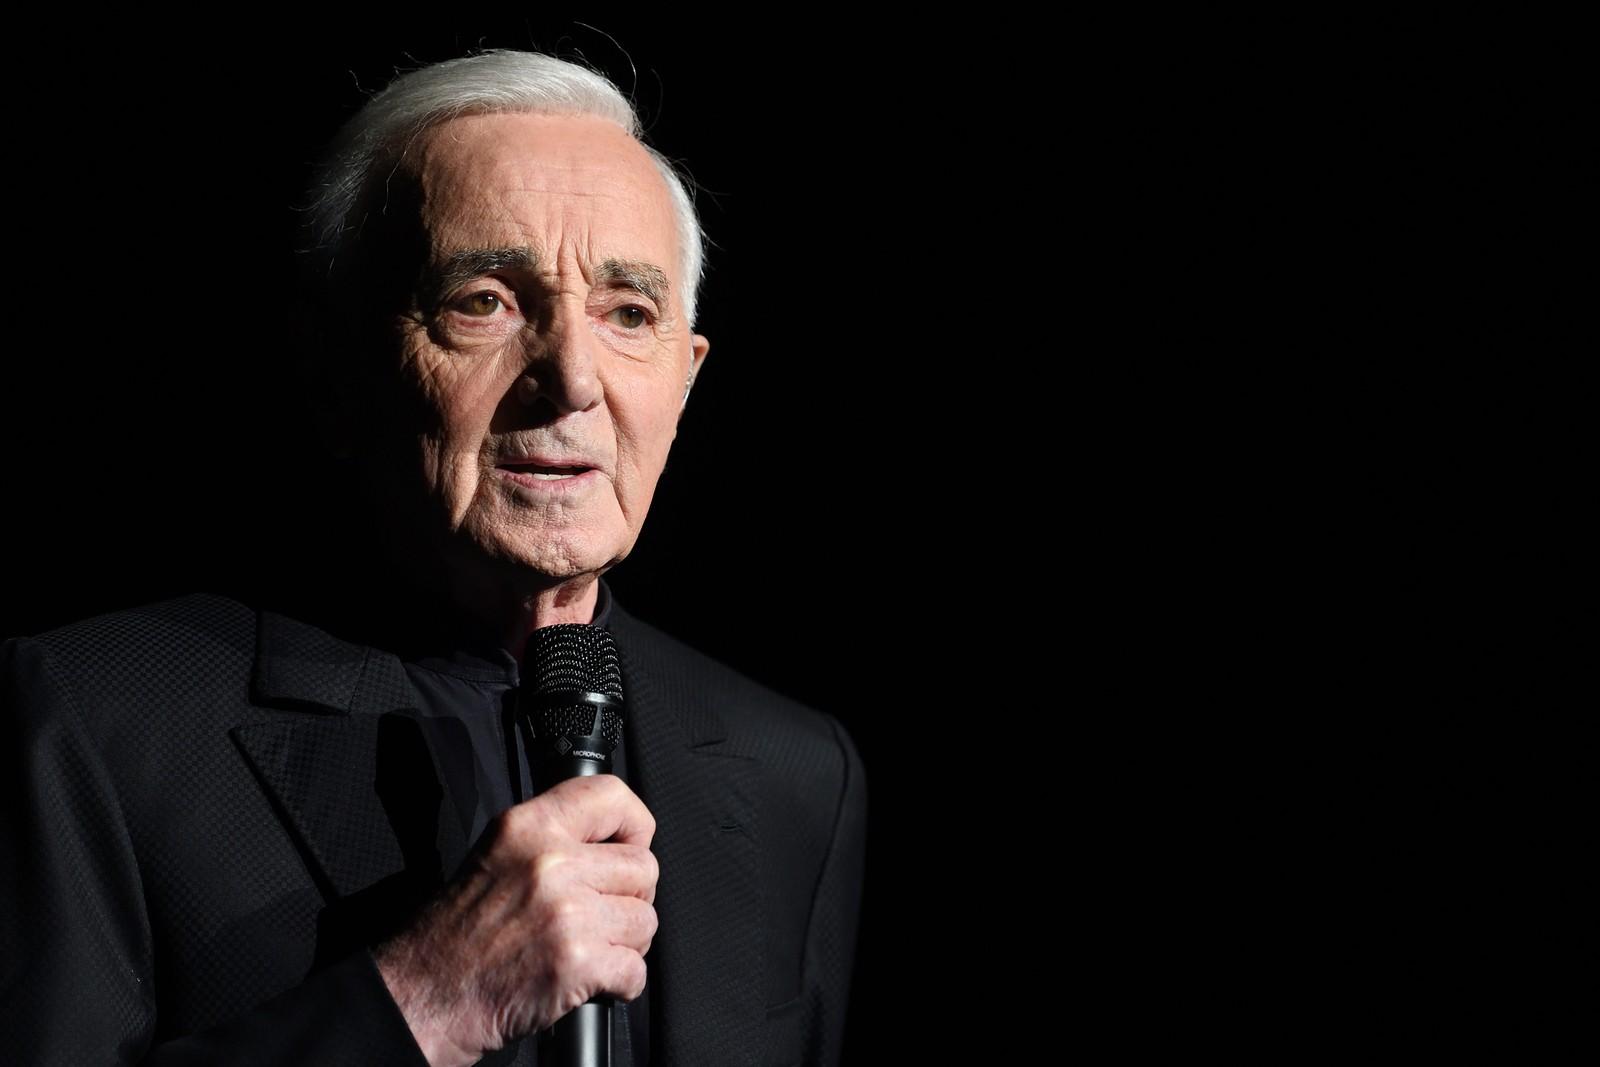 Morre aos 94 anos Charles Aznavour, cantor francês do sucesso 'She'